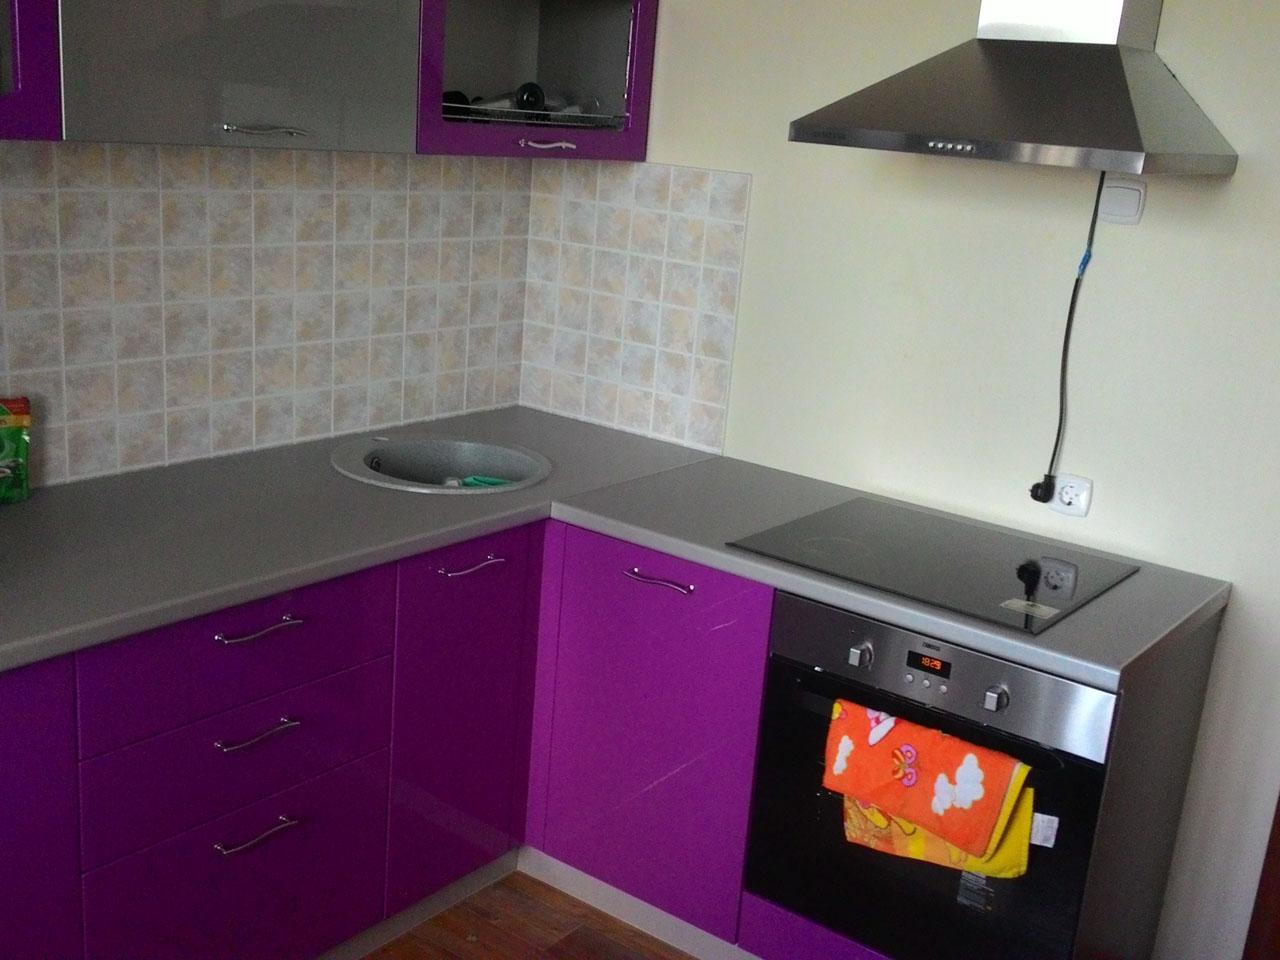 Фото. Угловые кухни. Цена 62 тыс. рублей